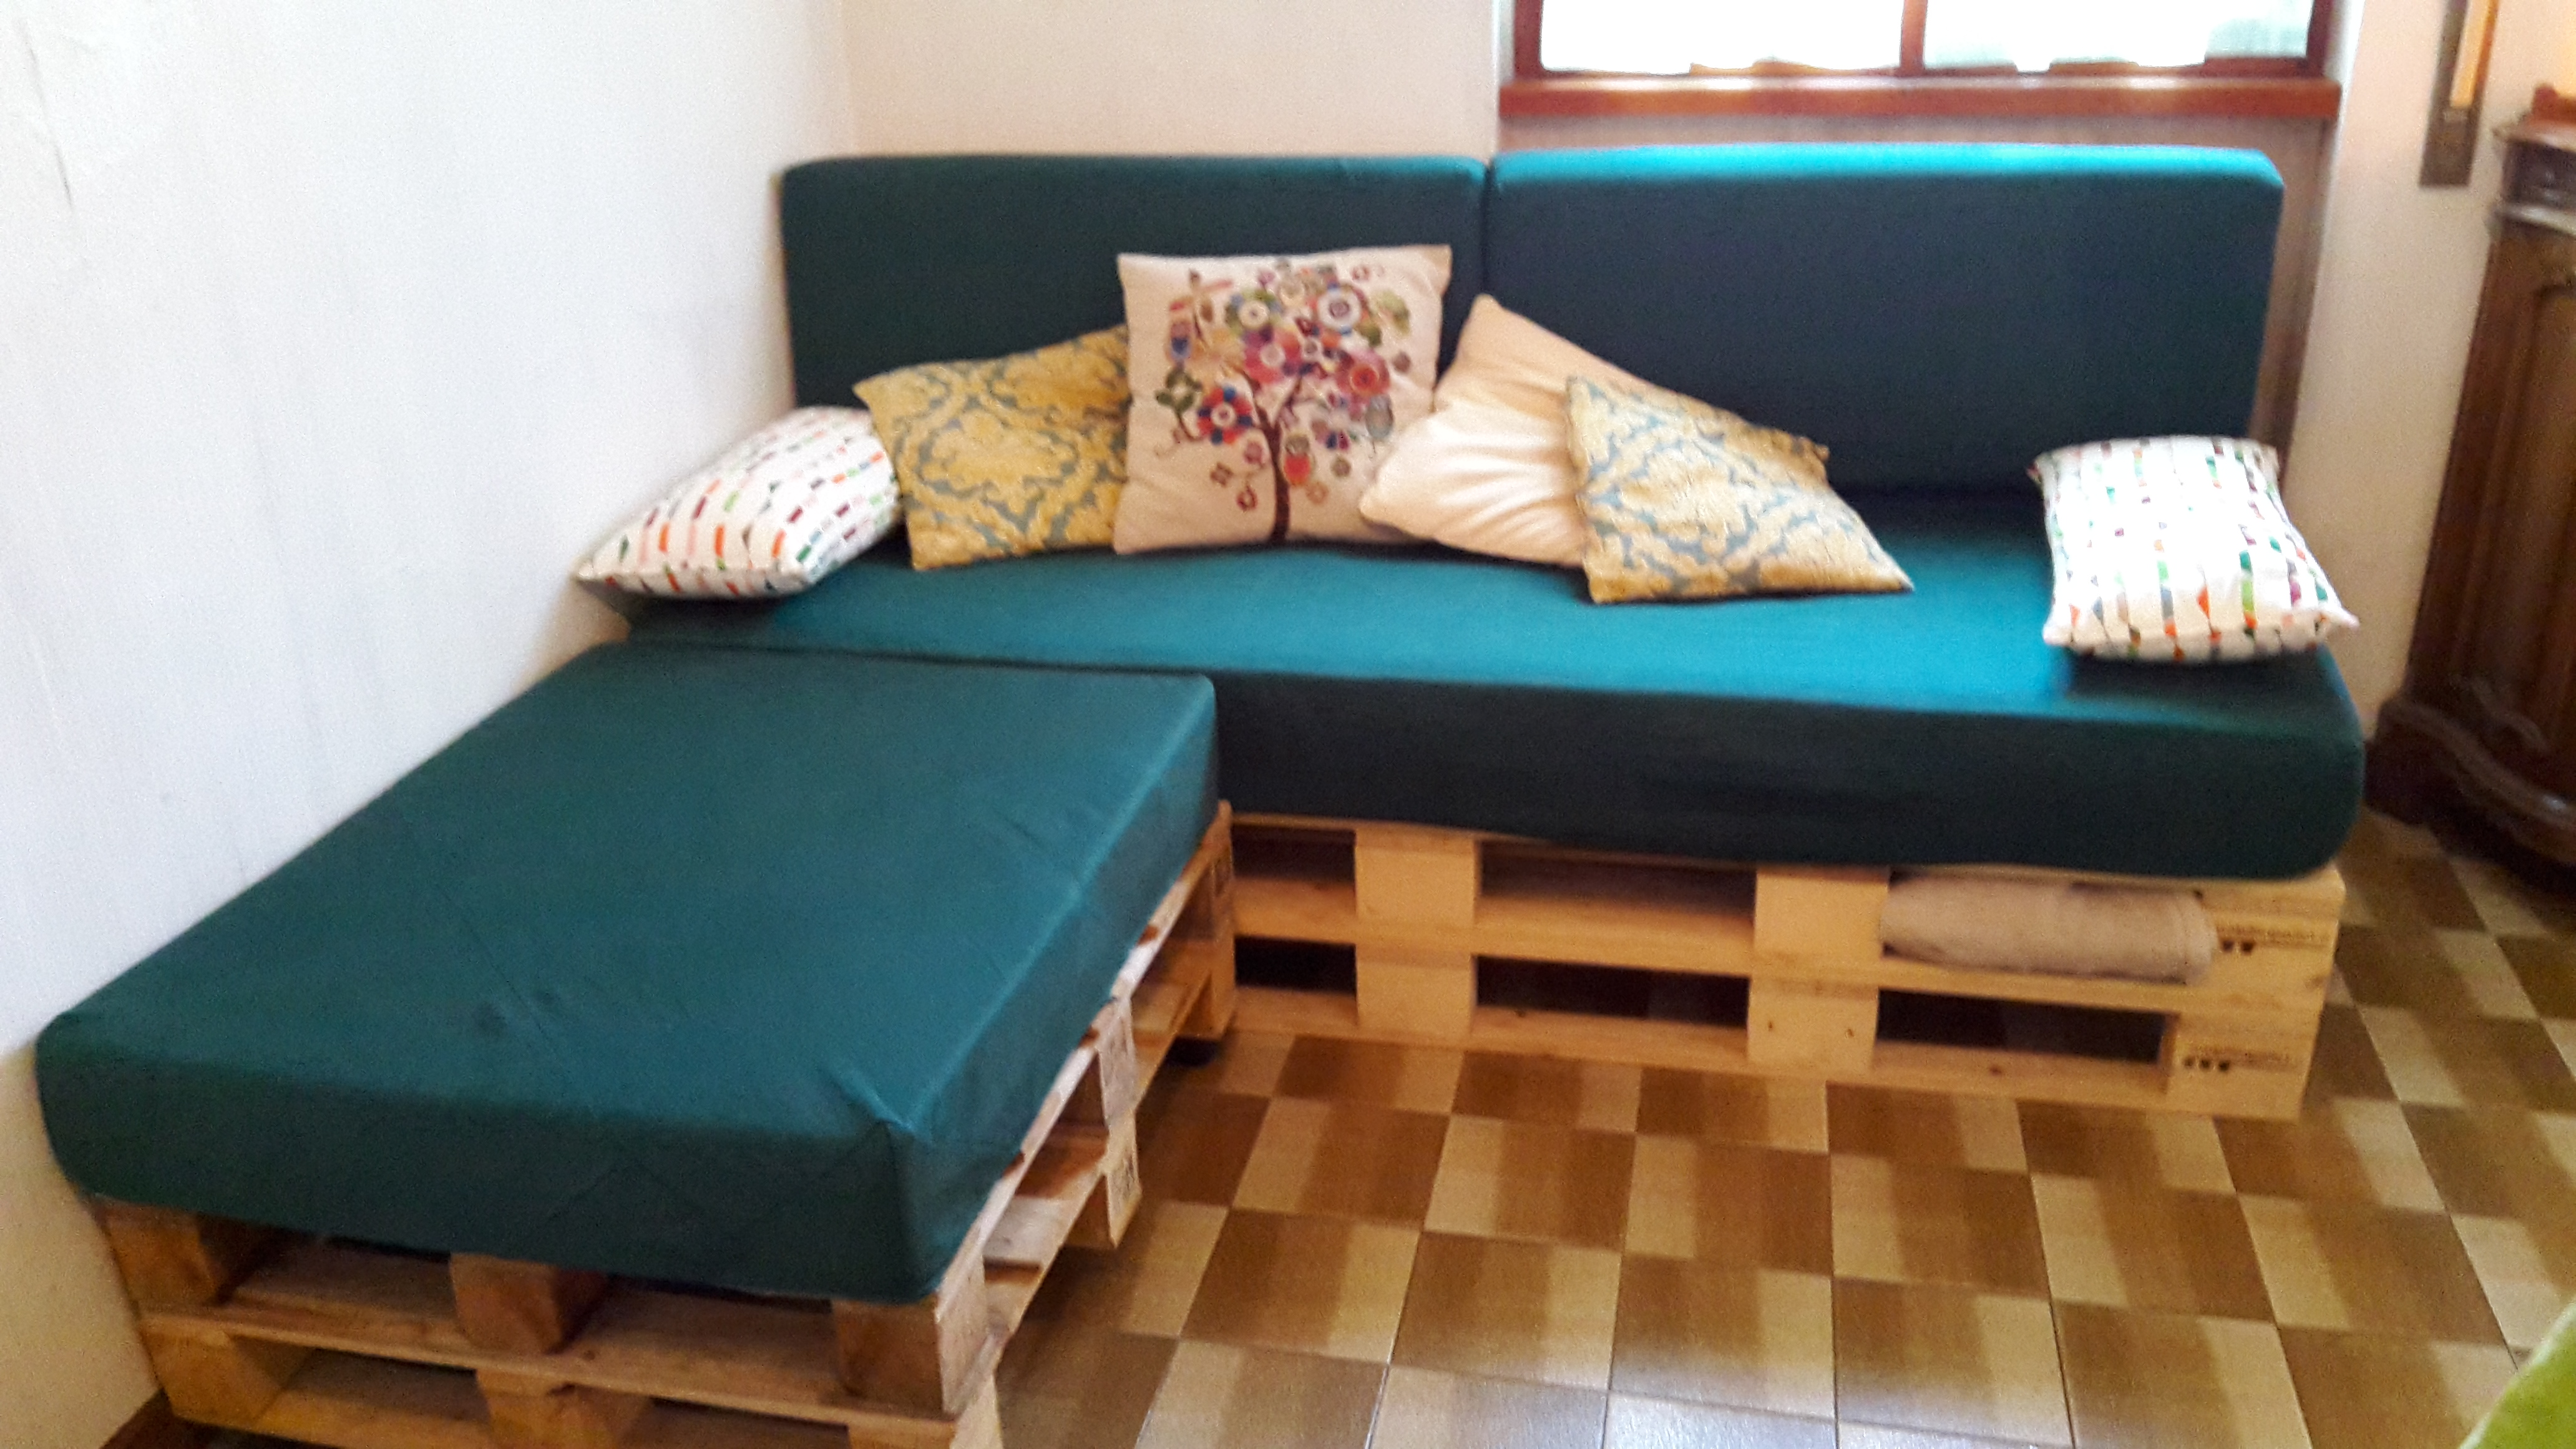 Mobili Con Pallets : Come realizzare un divano con i pallet mobili in pallet